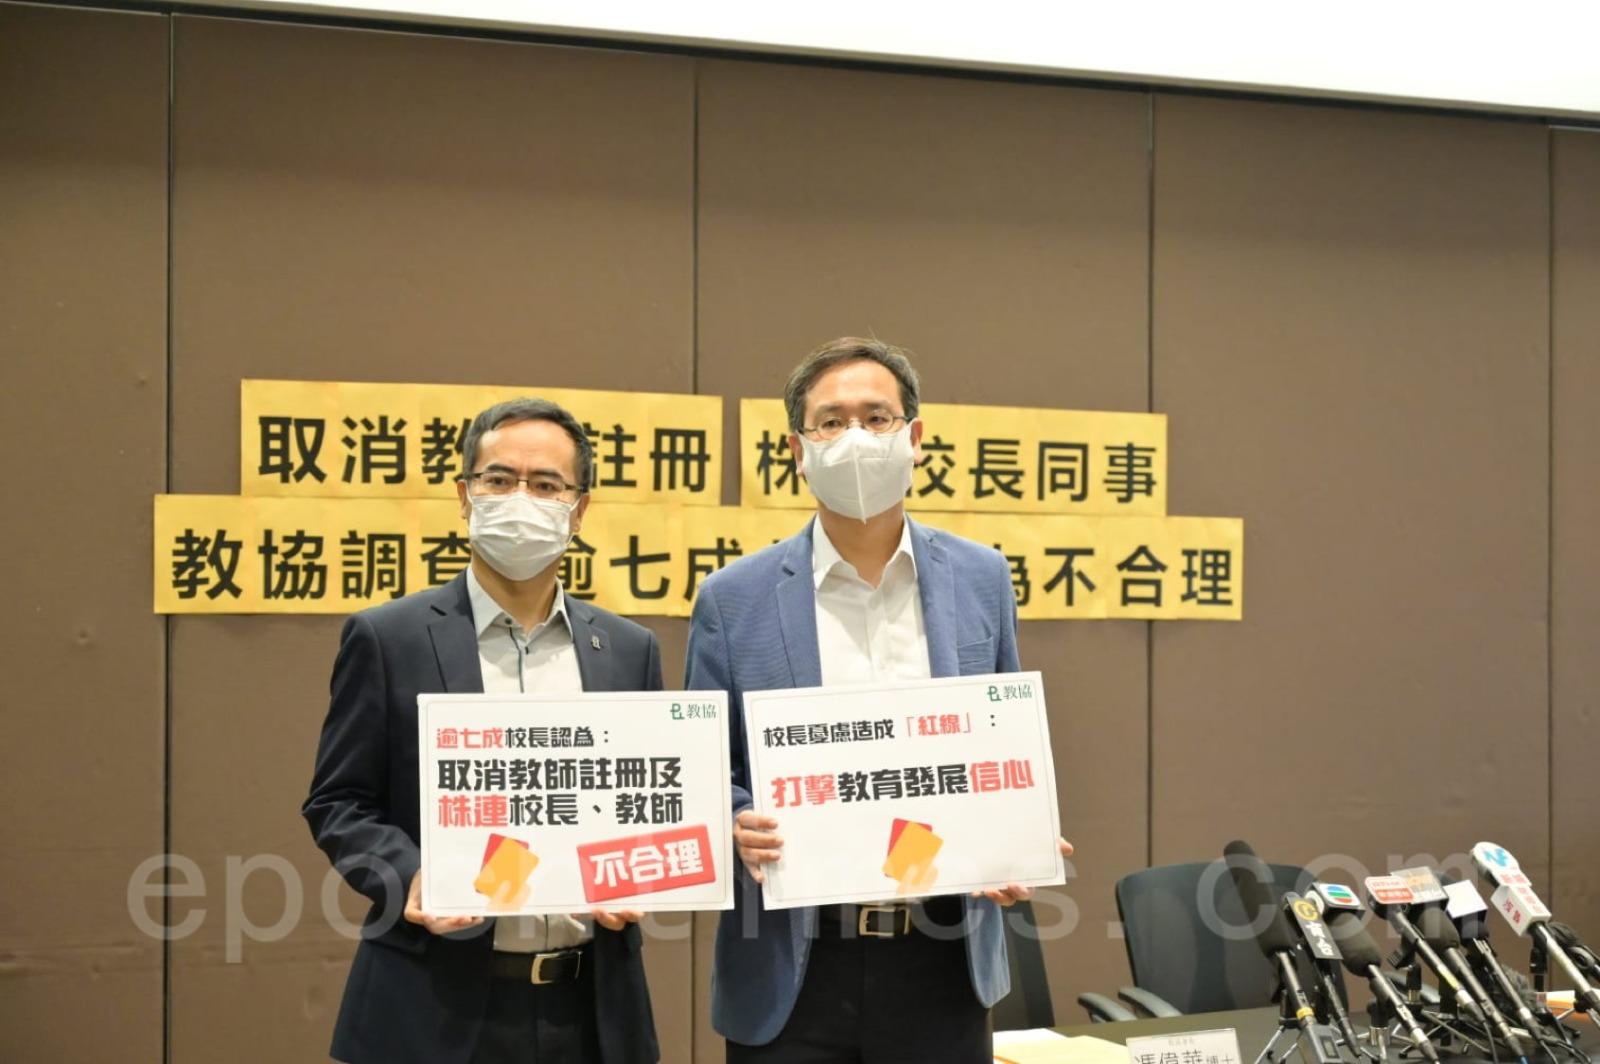 香港教協調查指出,有七成受訪校長認為取消涉事教師的註冊並「不合理」。(郭威利/大紀元)